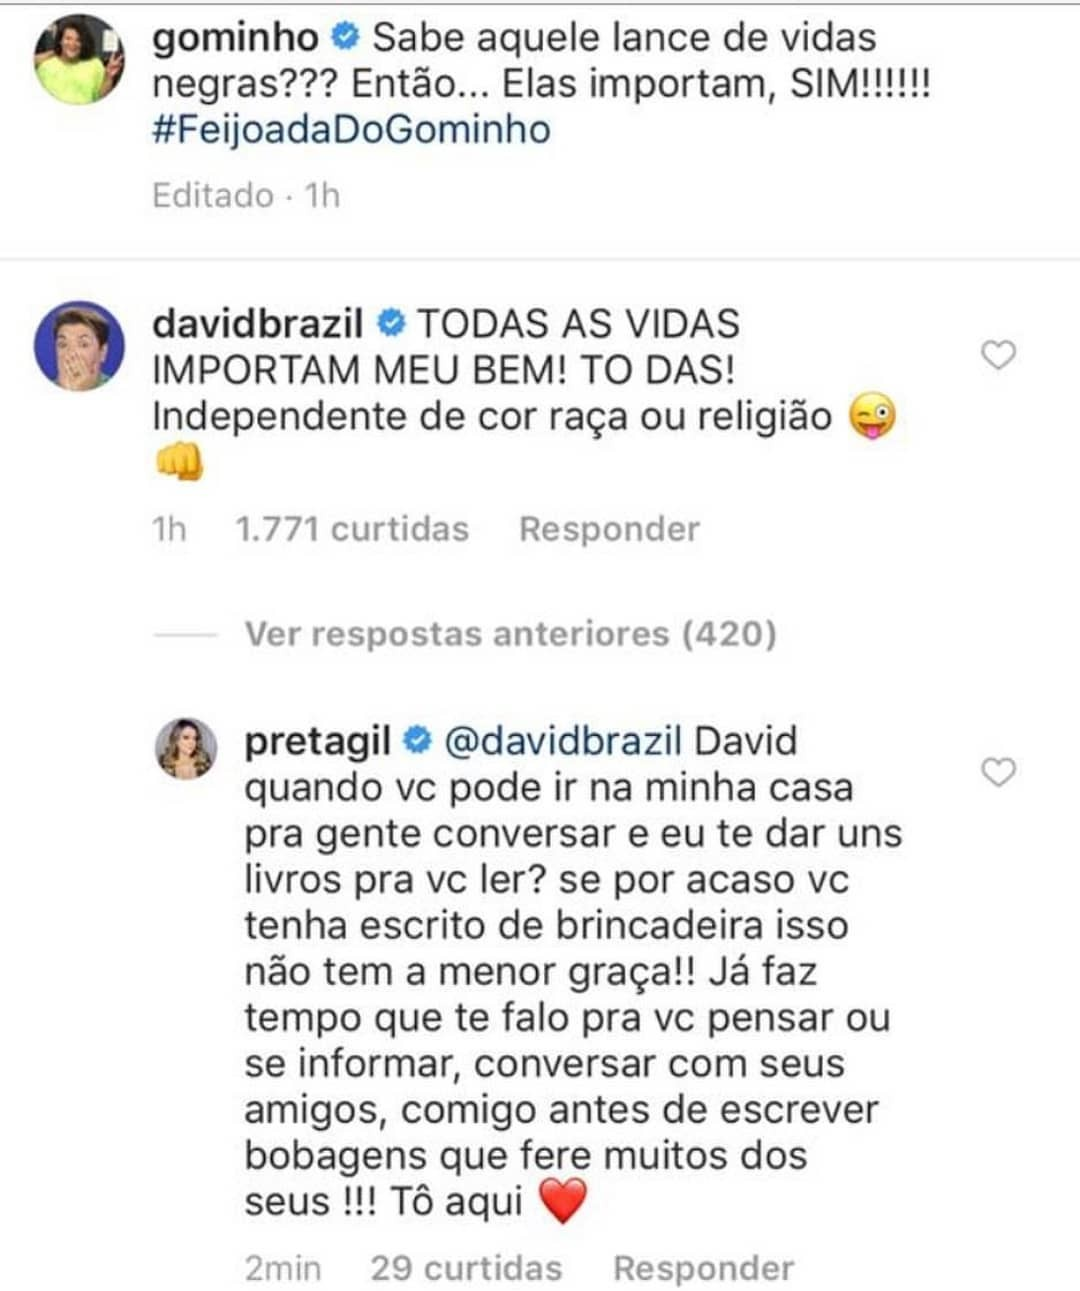 Preta Gil rebate comentário de David Brazil em post de Gominho (Foto: Reprodução/Instagram)